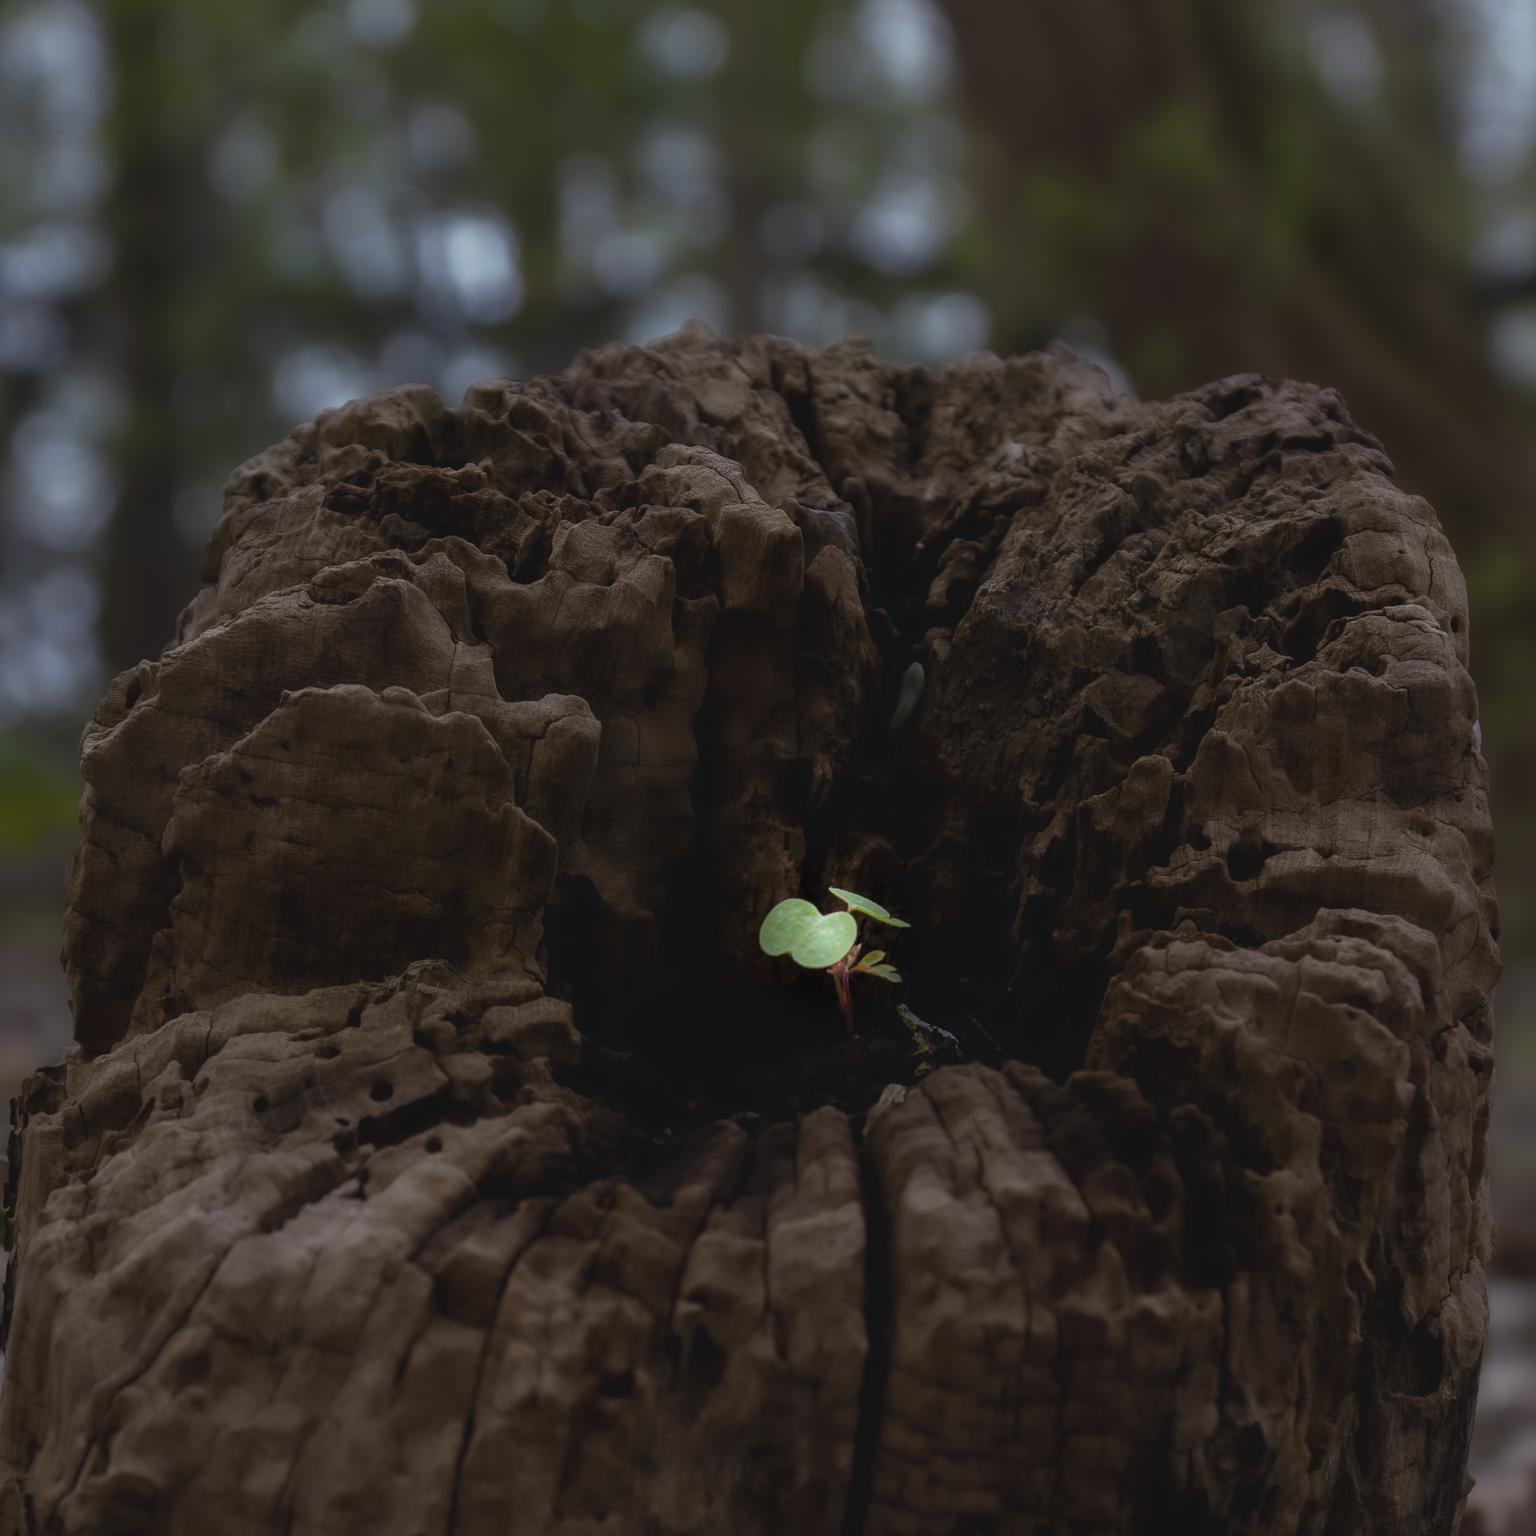 Jong - Dit plantje koos als zijn groeiplaats de stronk van deze oude boom - foto door Wallie54 op 10-04-2021 - deze foto bevat: boom, groei, groen, nuenen, enode, vers, fabriek, bek, hout, bodem, kofferbak, terrestrische plant, gras, landschap, boom, ontsluiting